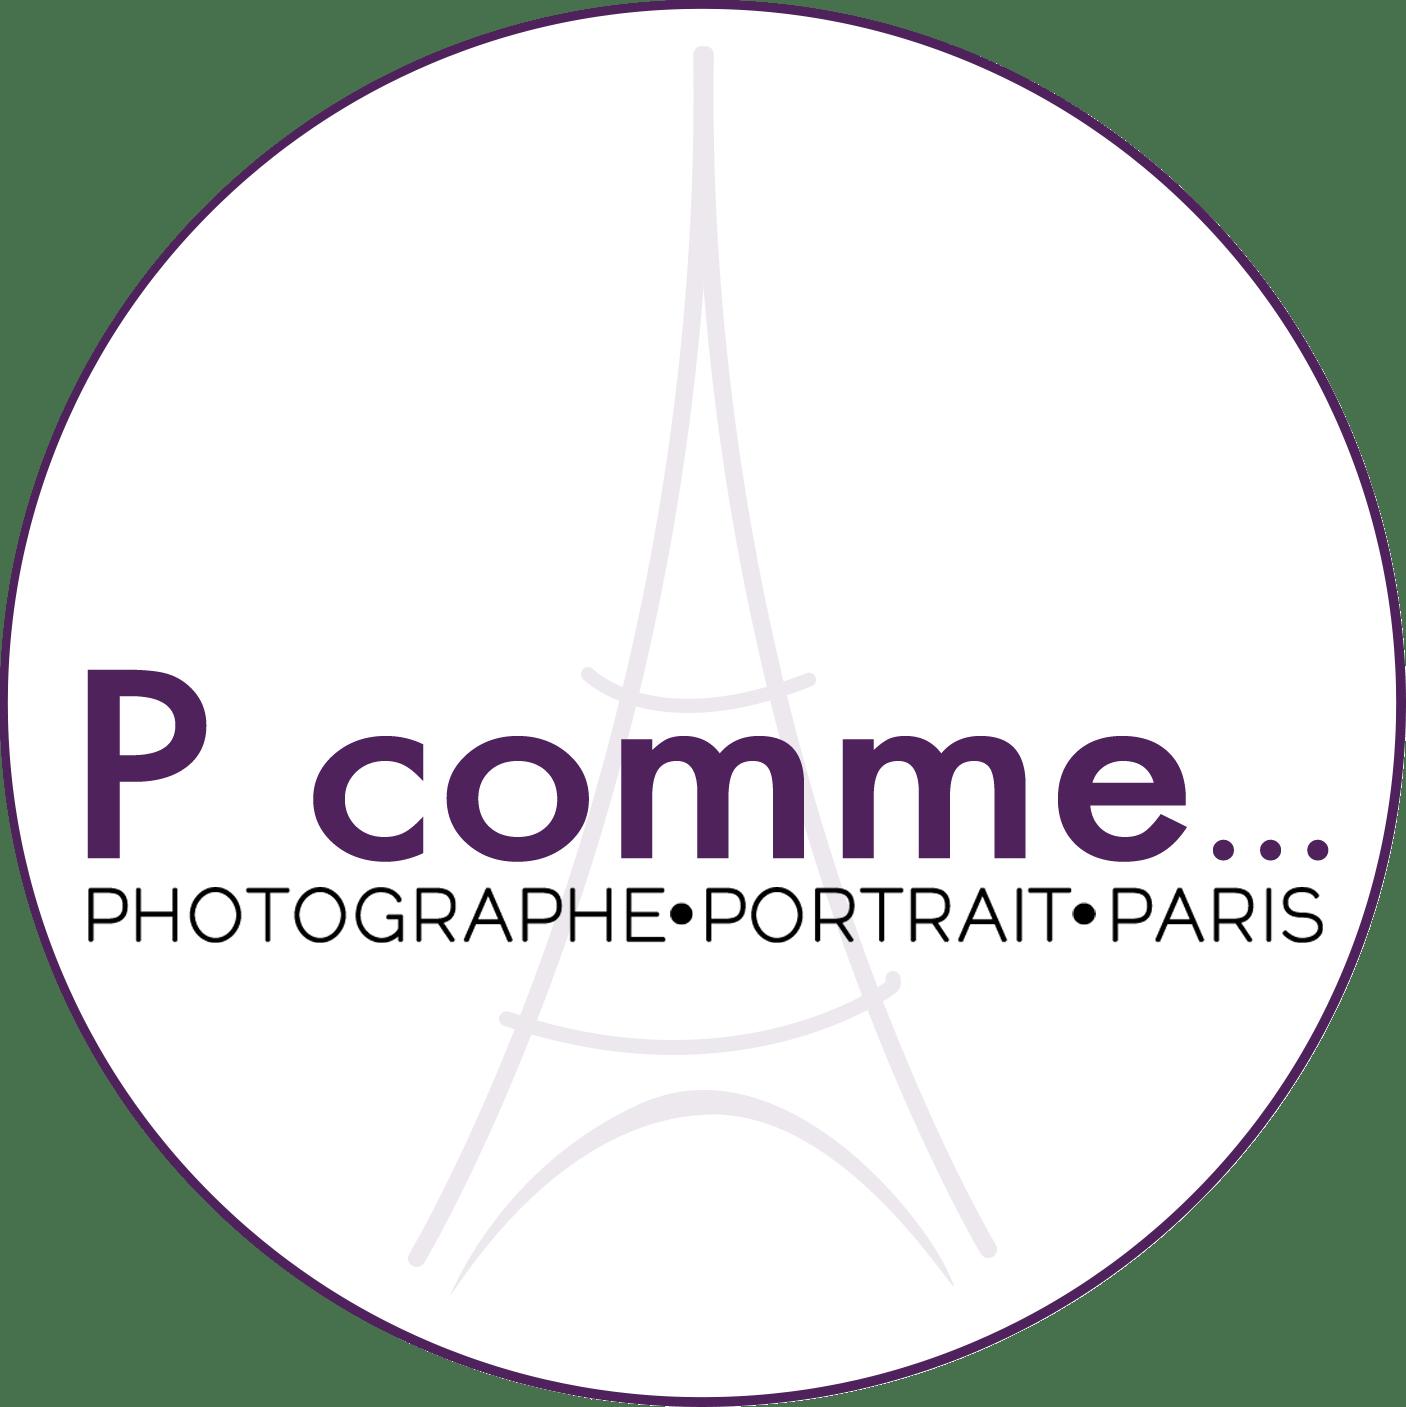 P comme Photographe Portrait Paris